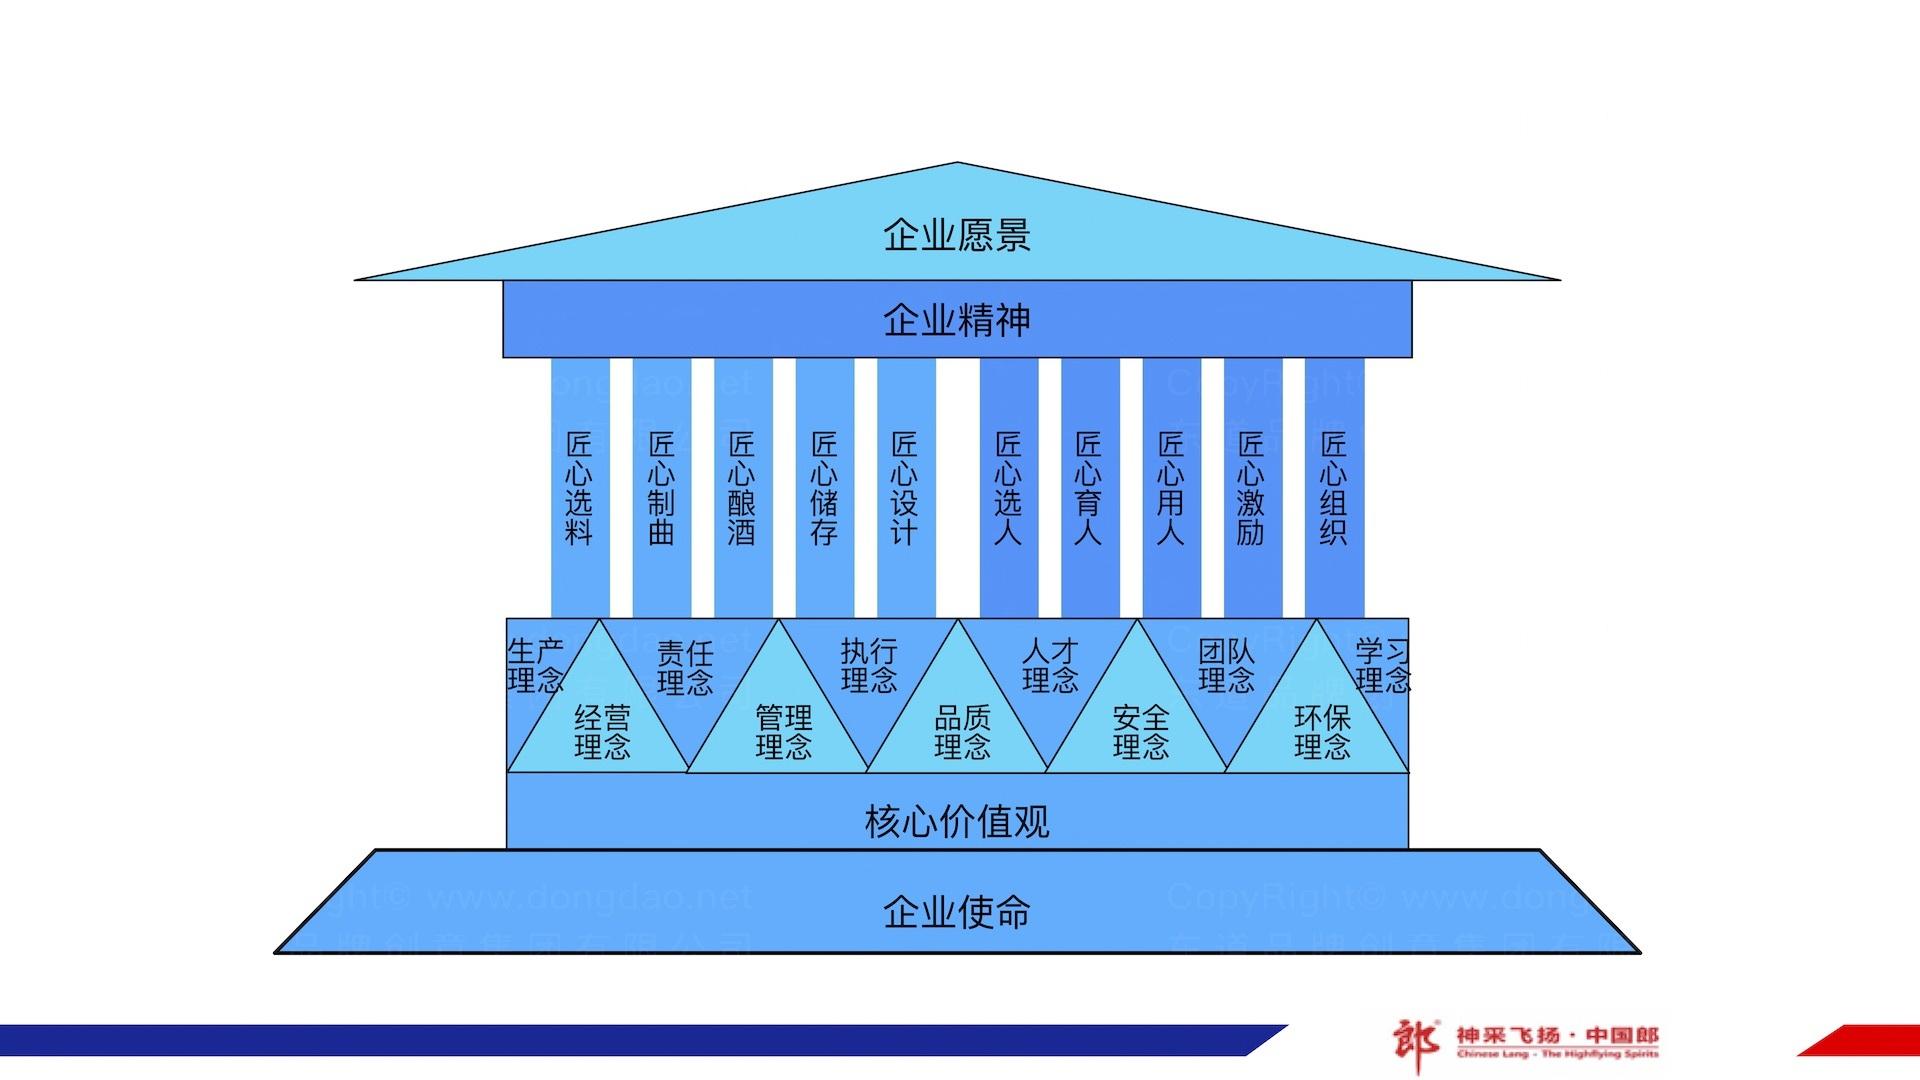 品牌战略&企业文化郎酒企业文化体系方案应用场景_20